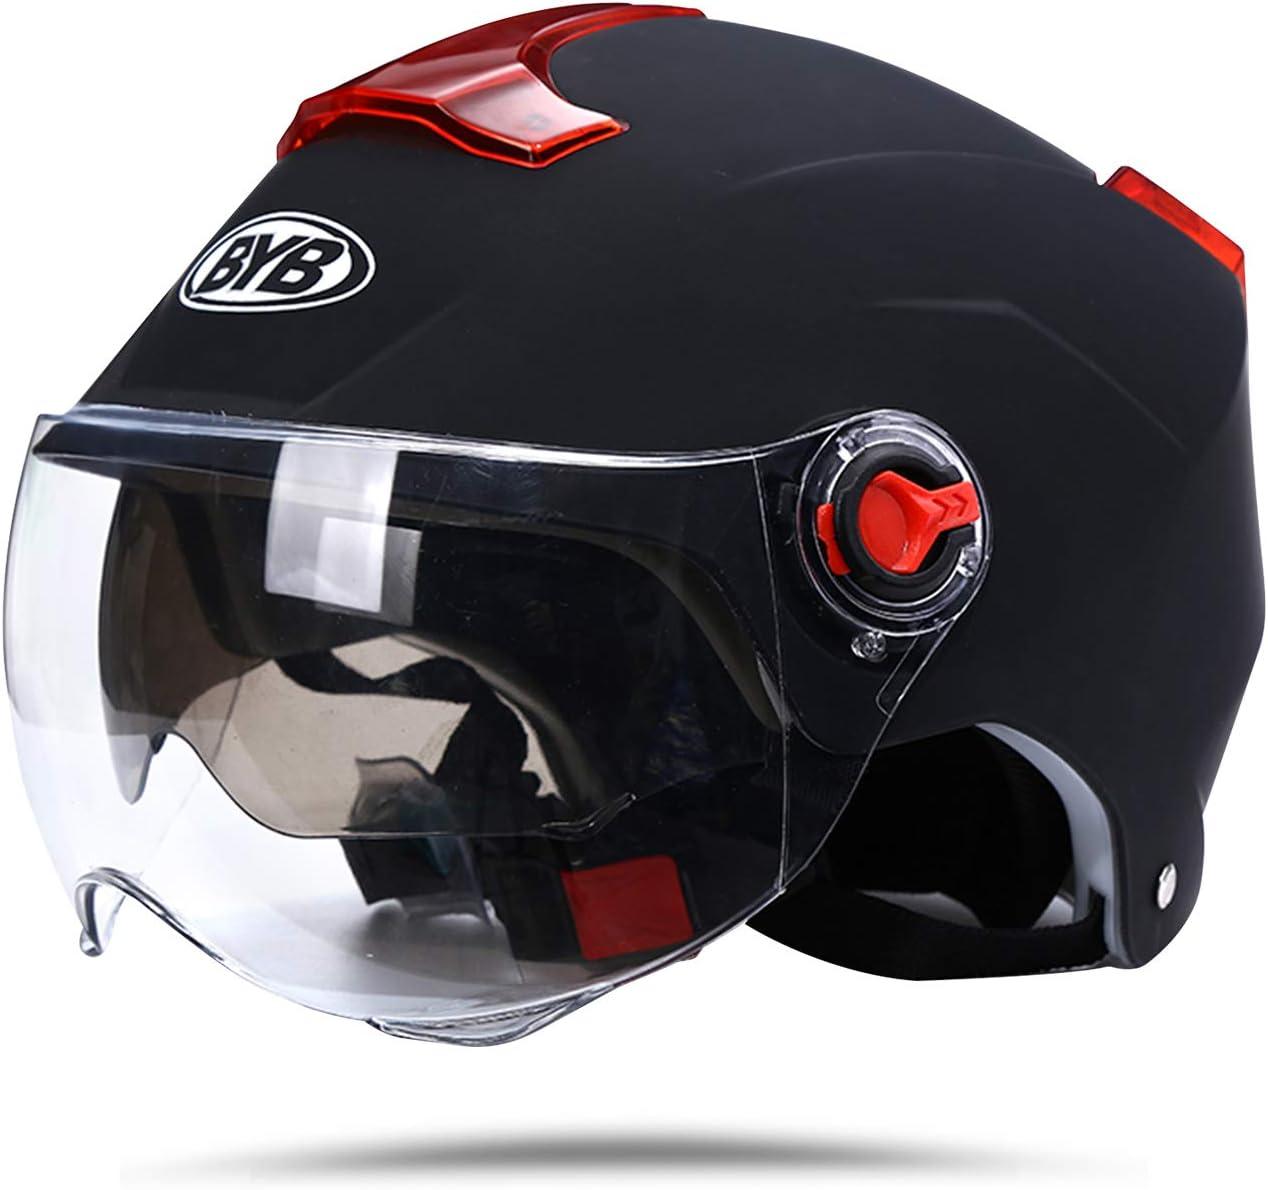 BOSEMAN Casco de Motocicleta con Visera, Adecuado para ciclomotores, Scooters, cruceros, Pase la Prueba de colisión para Cumplir con la Seguridad Vial